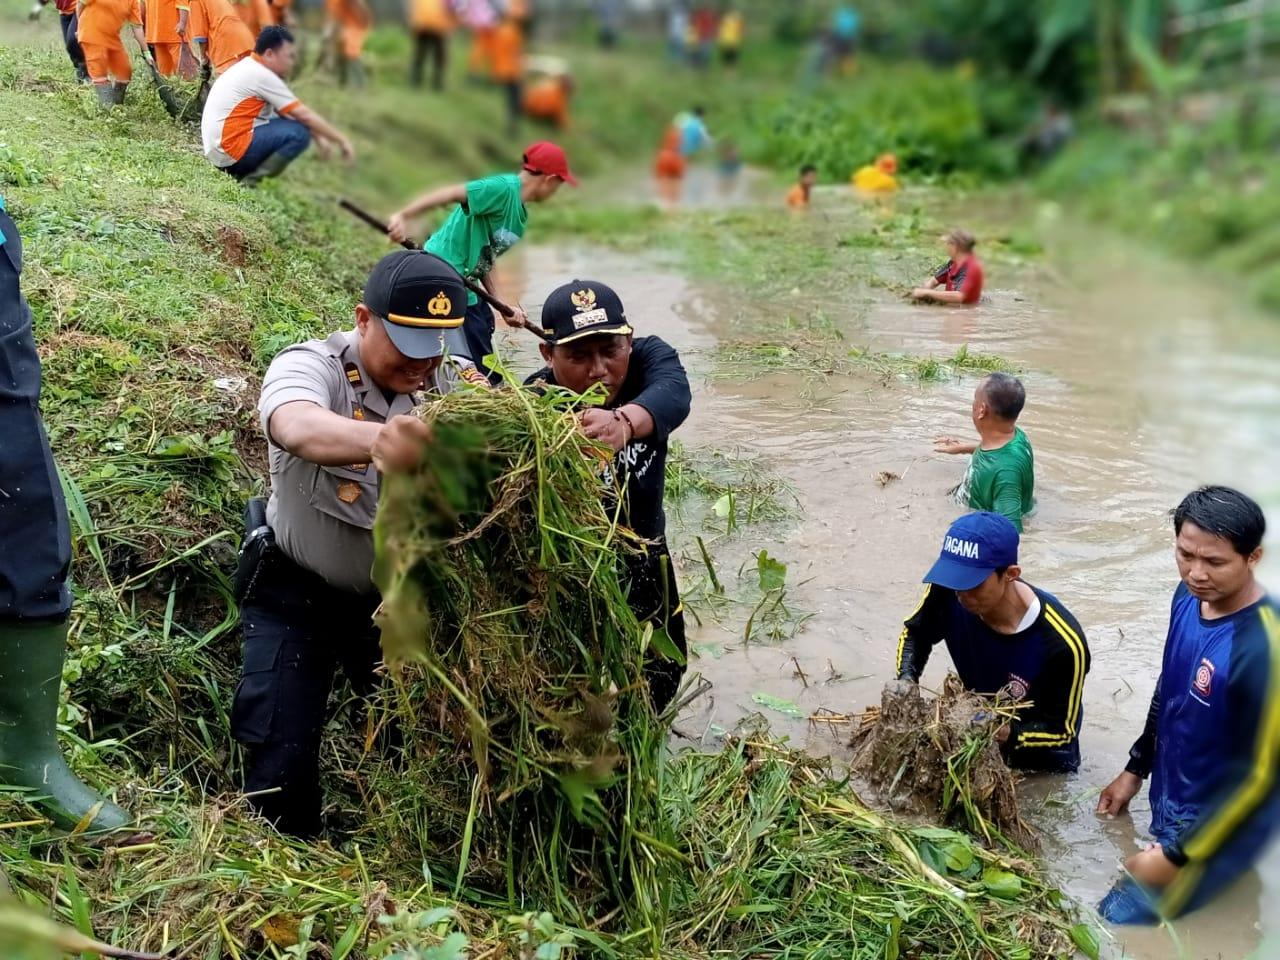 antisipasi-banjir-forkopimcam-sungai-keruh-gotong-royong-bersihkan-sungai-muba196q31578639407.jpg